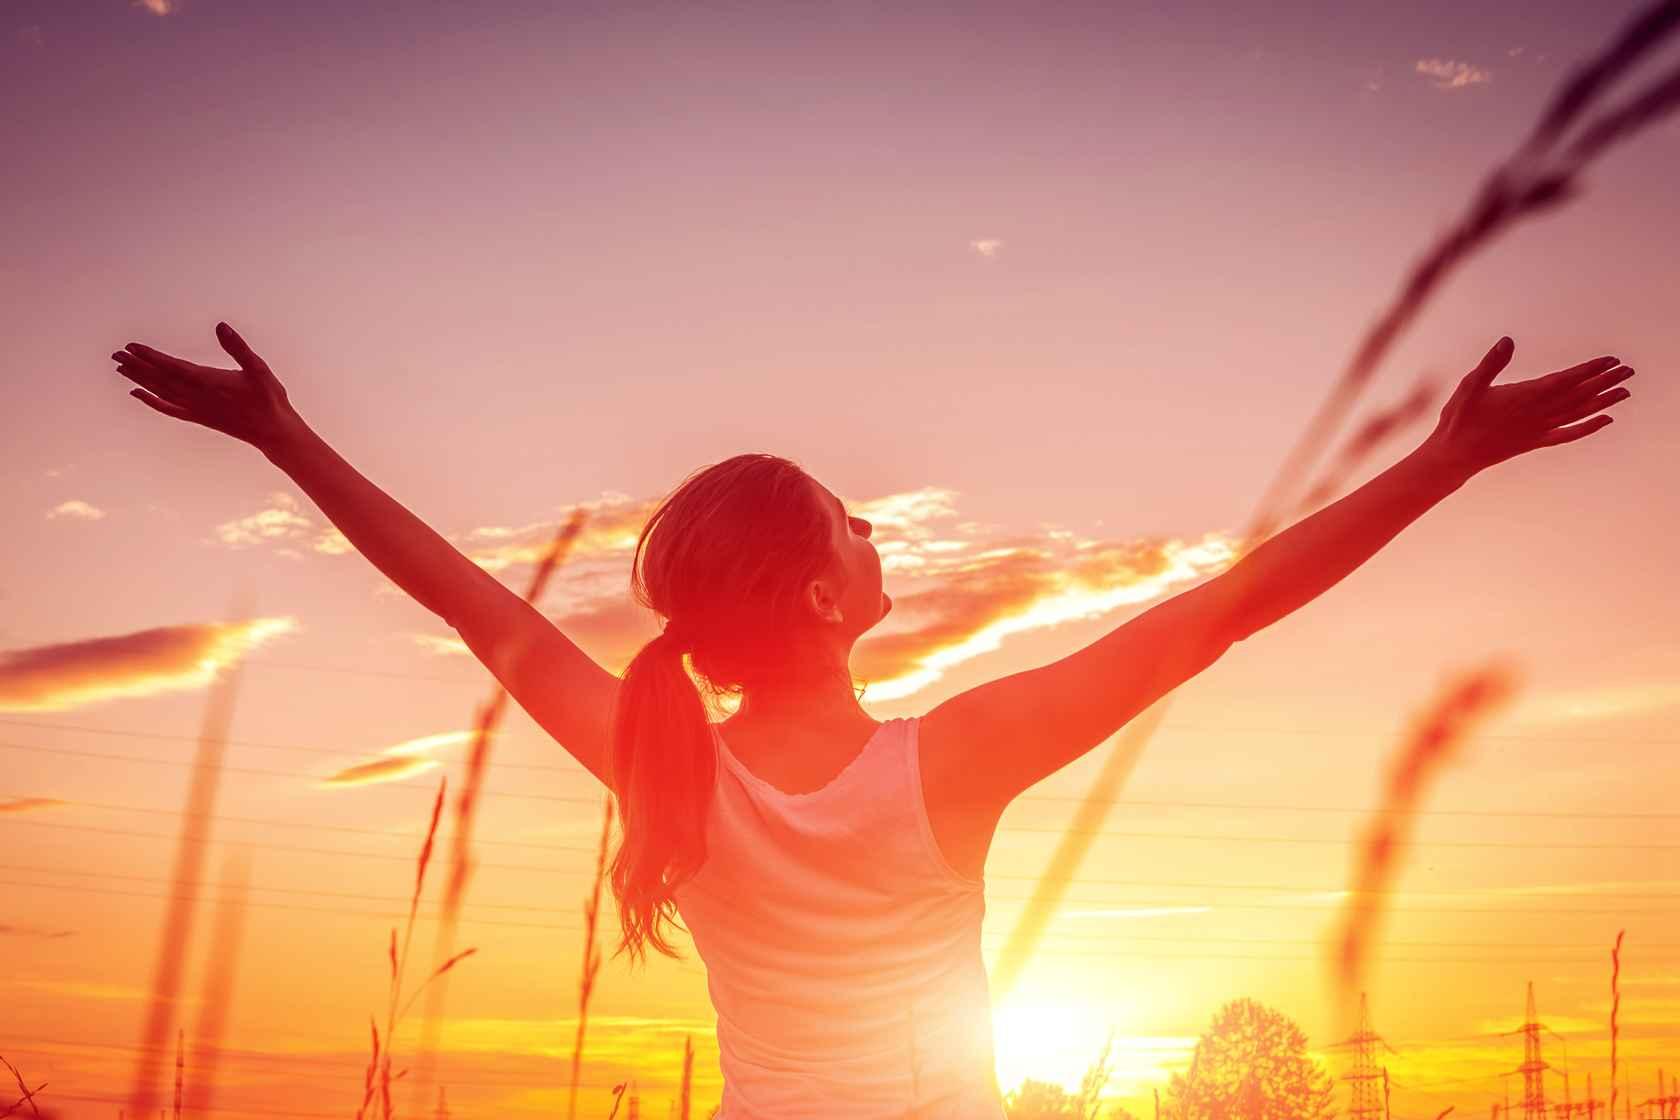 kvinde løfter arme mod solnedgangen.jpg